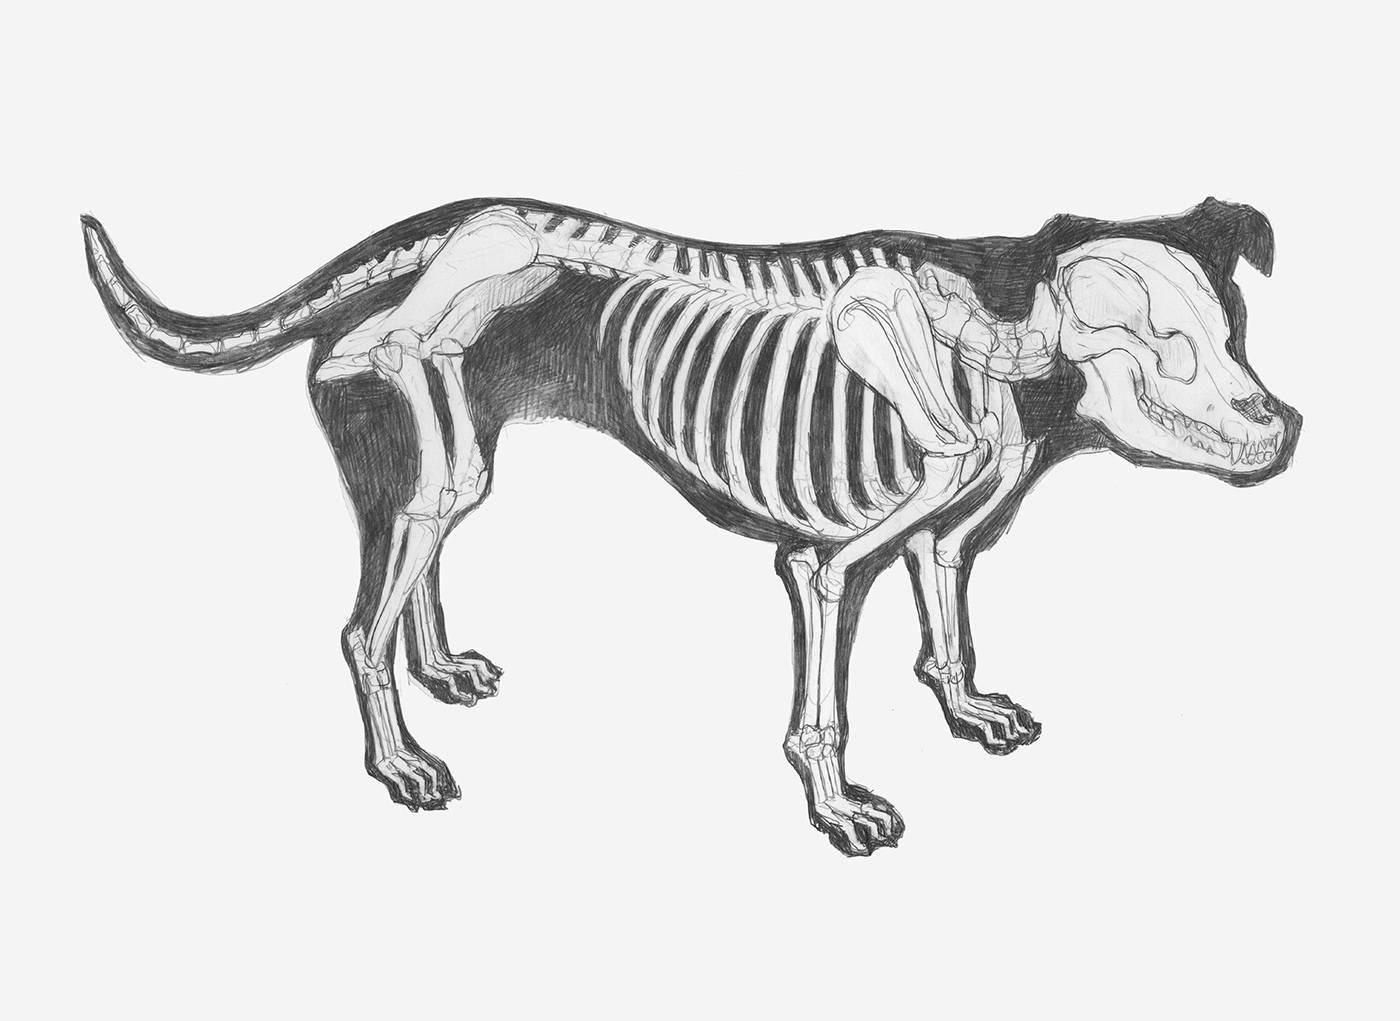 Анатомия собаки: внешнее и внутреннее строение тела собачьего тела